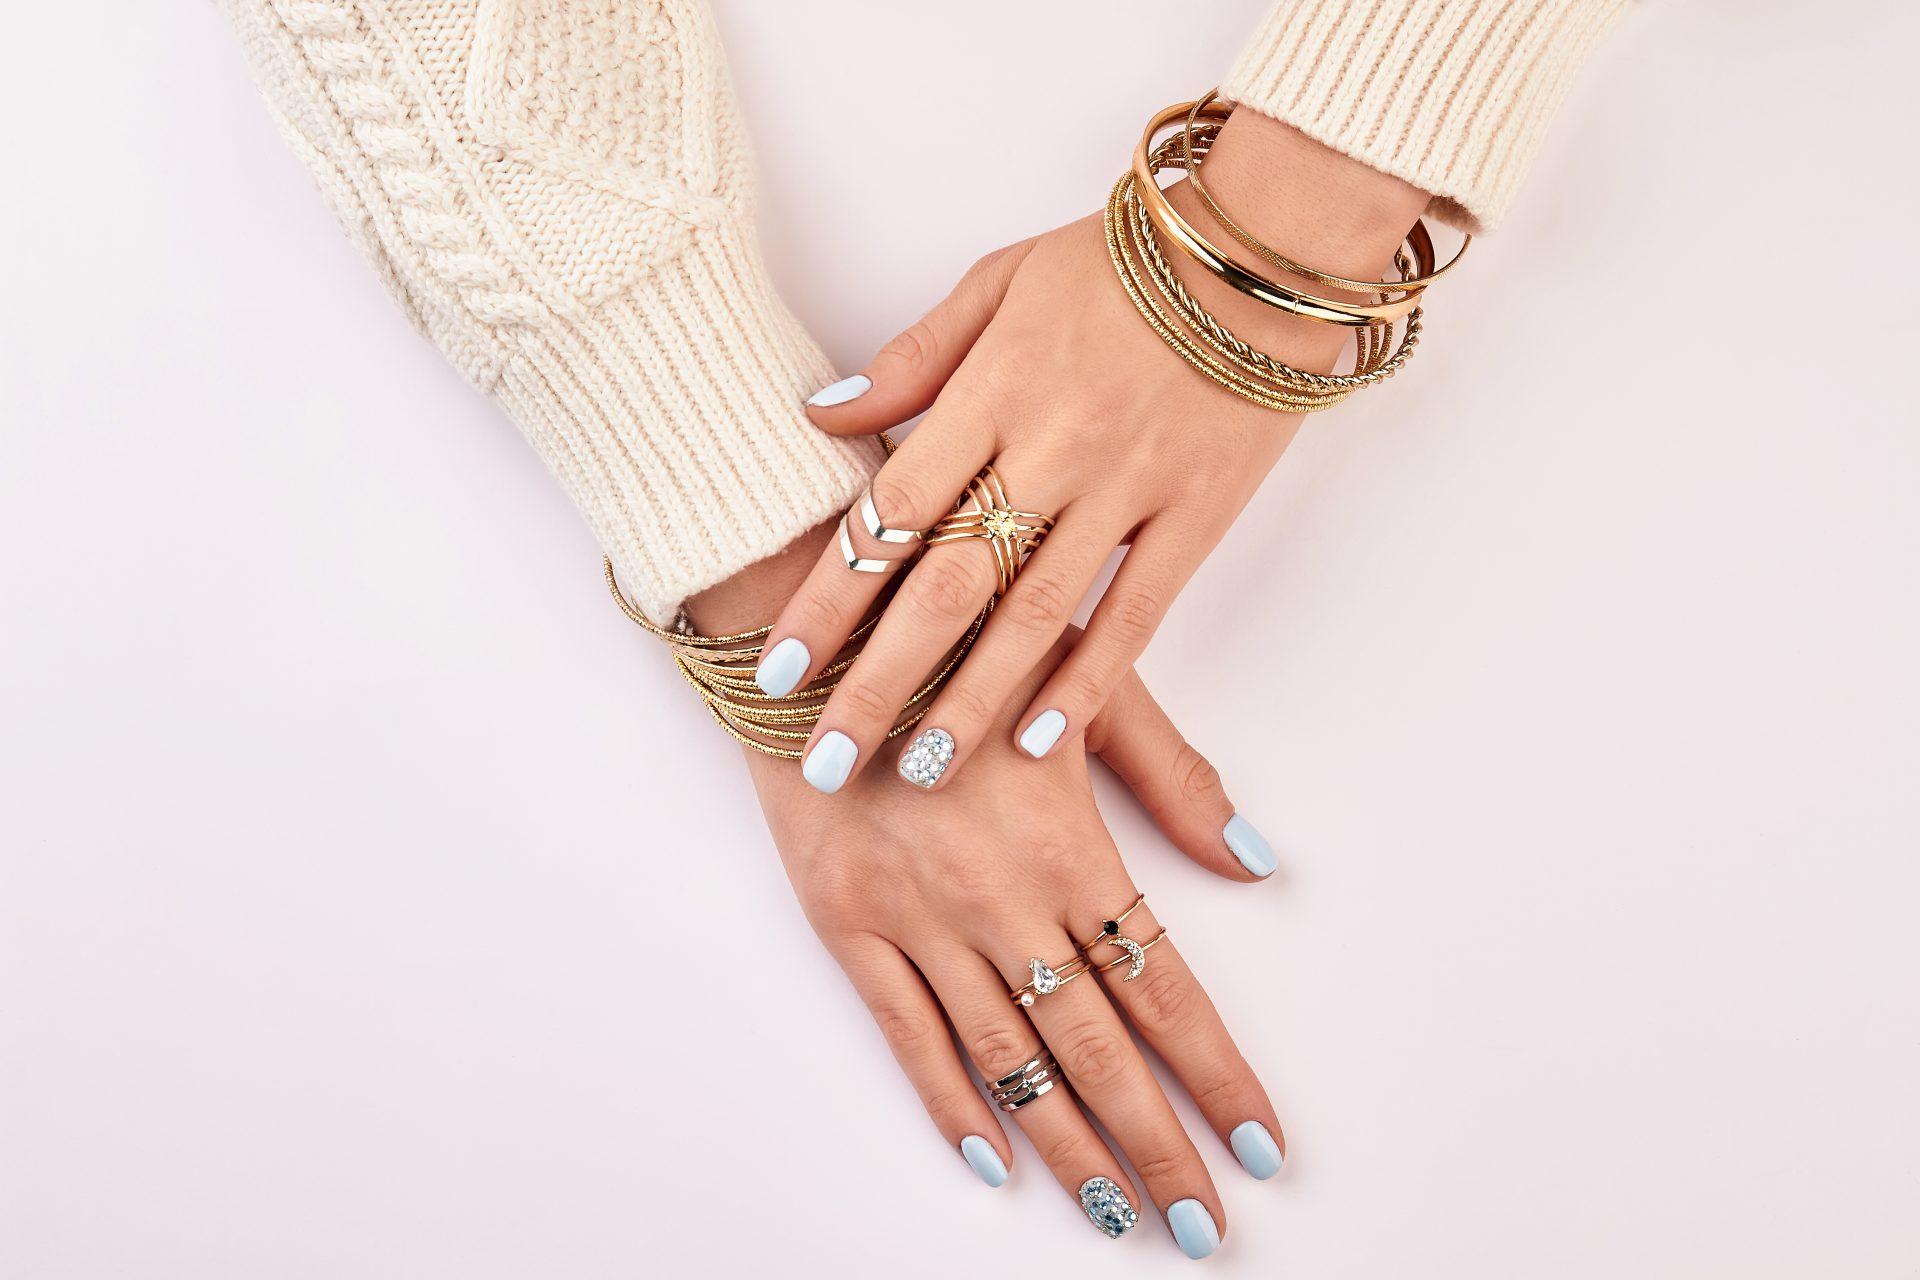 מעצבי תכשיטים. (Shutterstock) צילום: margostock